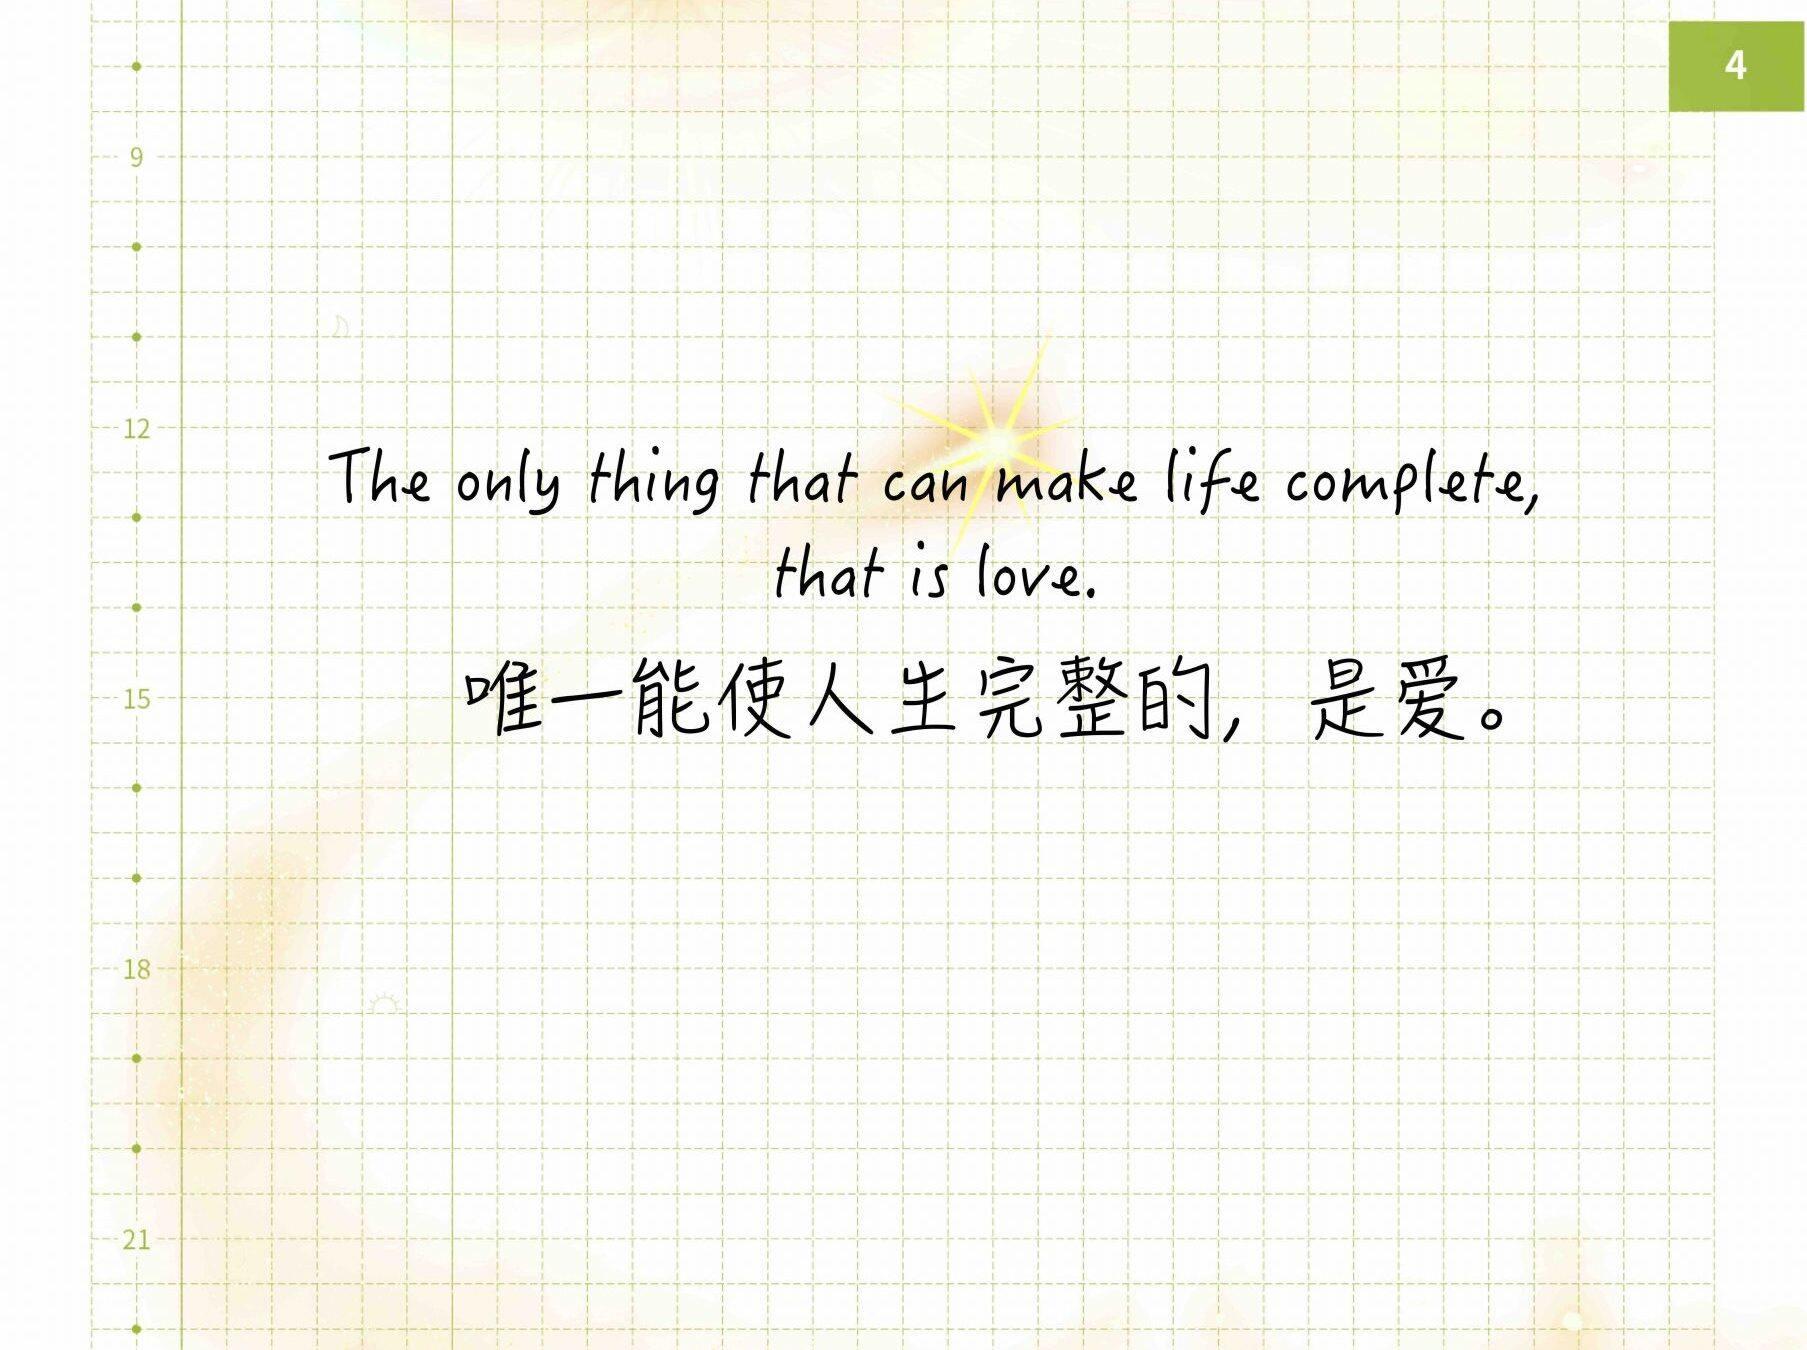 唯一是人生完整的